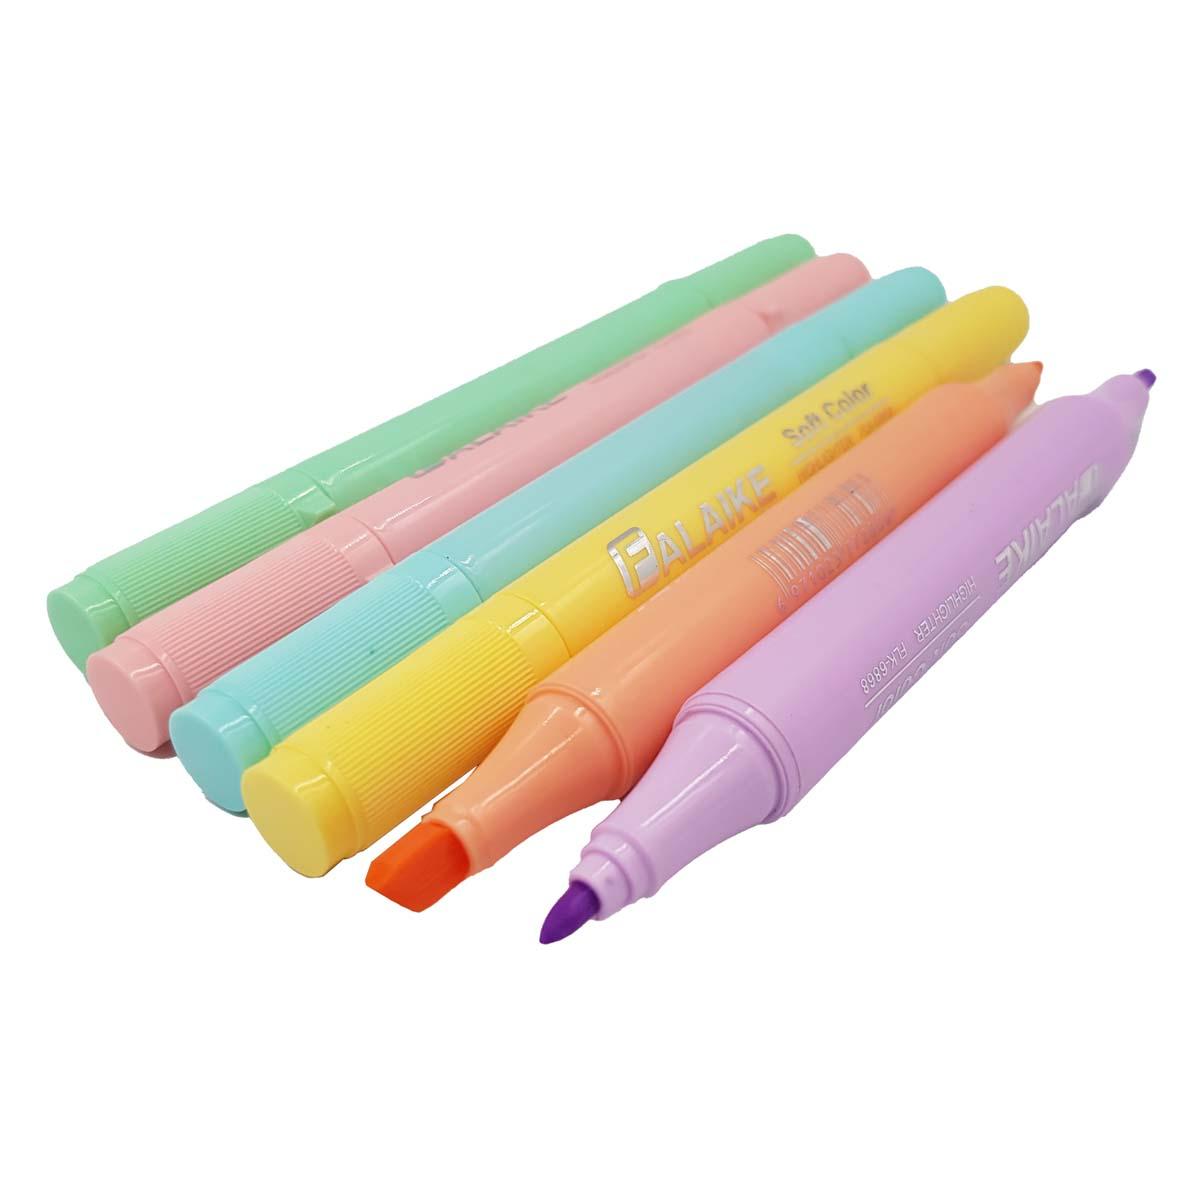 6 Canetas Duas Pontas Dual Pen Cores Pastel Marca texto HIGHLIGHTER Marker